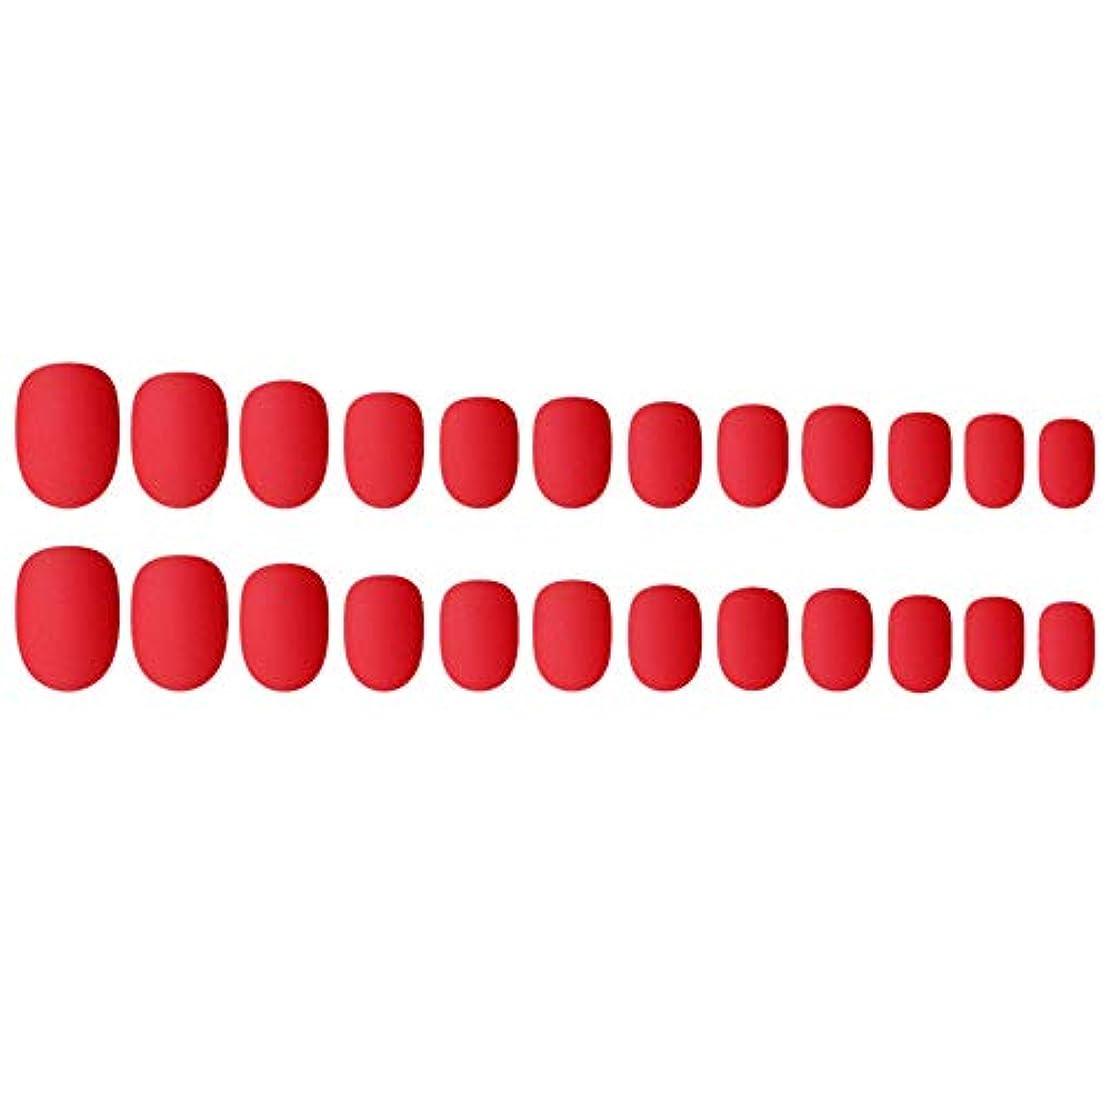 ミリメートル切断するもっともらしいDecdeal ネイルチップ 24ピース 偽ネイルのヒント 12種類のサイズ ネイルサロン diy ネイルアートツール